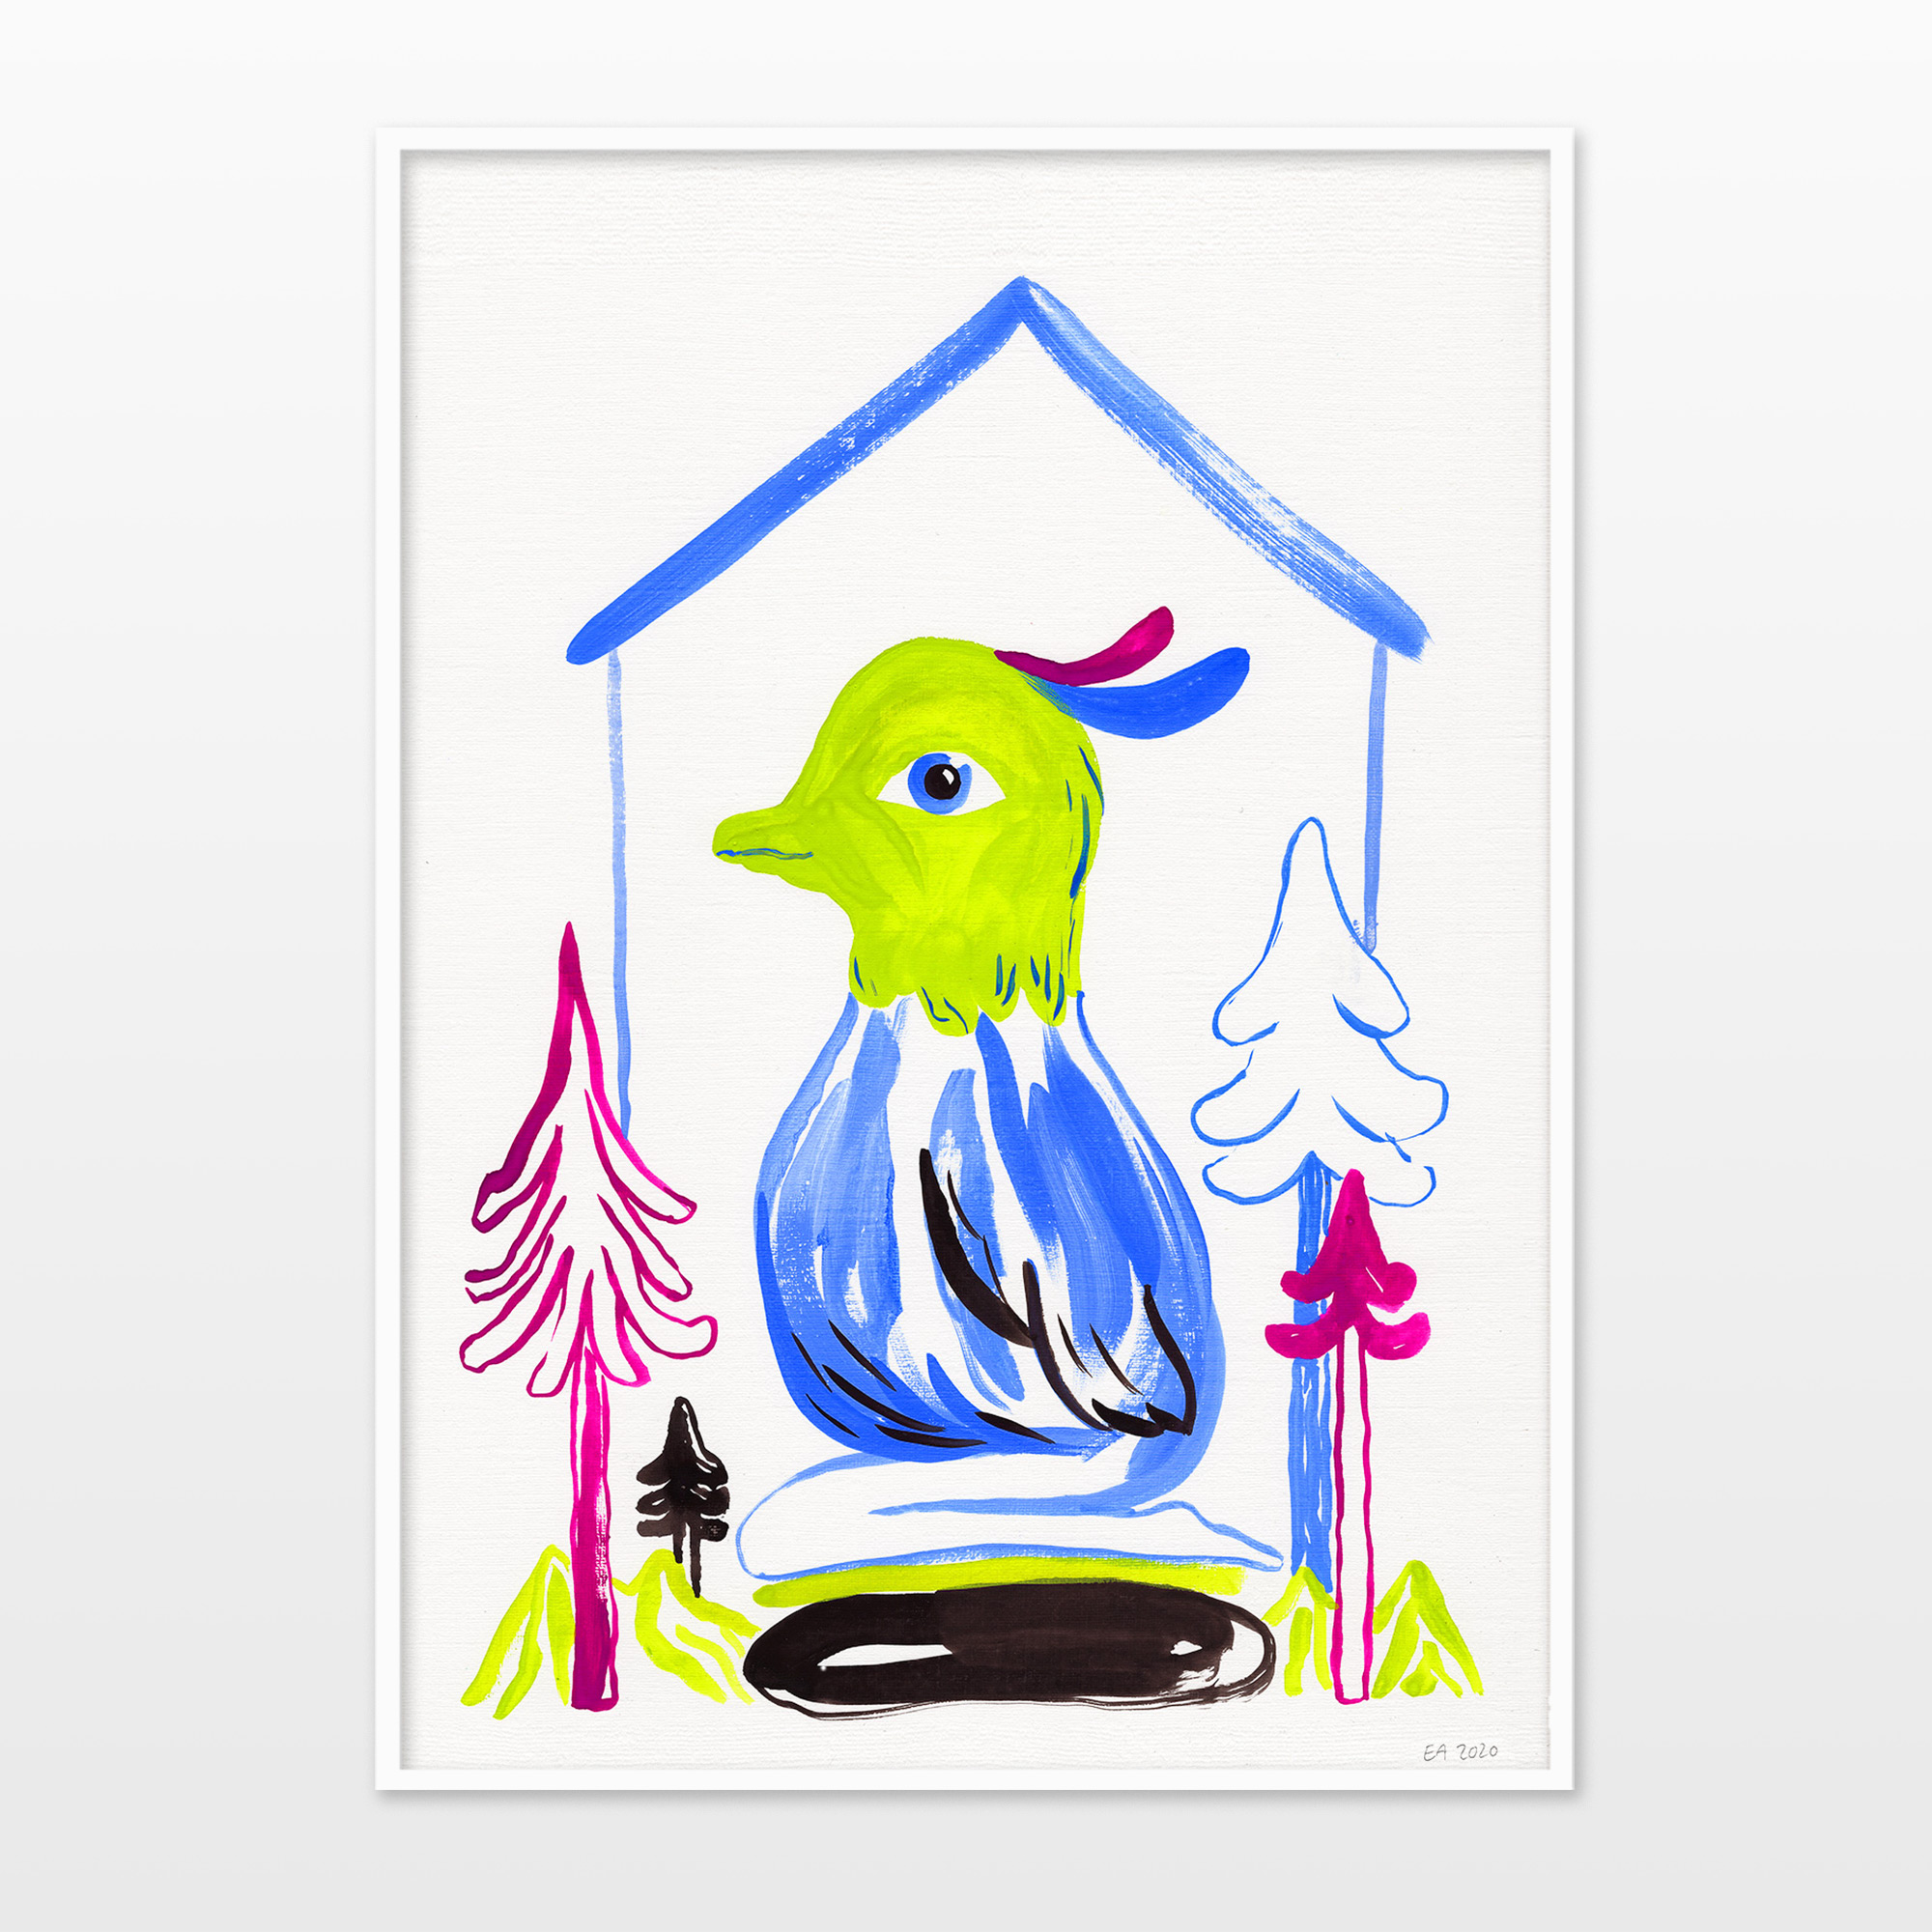 tegninger, akvarel-malerier, collager, farverige, børnevenlige, figurative, illustrative, minimalistiske, dyreliv, botanik, natur, vilde-dyr, blå, grønne, violette, blæk, papir, akvarel, fugle, samtidskunst, sød, dansk, dekorative, design, interiør, bolig-indretning, moderne, nordisk, planter, tryk, skandinavisk, Køb original kunst og kunstplakater. Malerier, tegninger, limited edition kunsttryk & plakater af dygtige kunstnere.